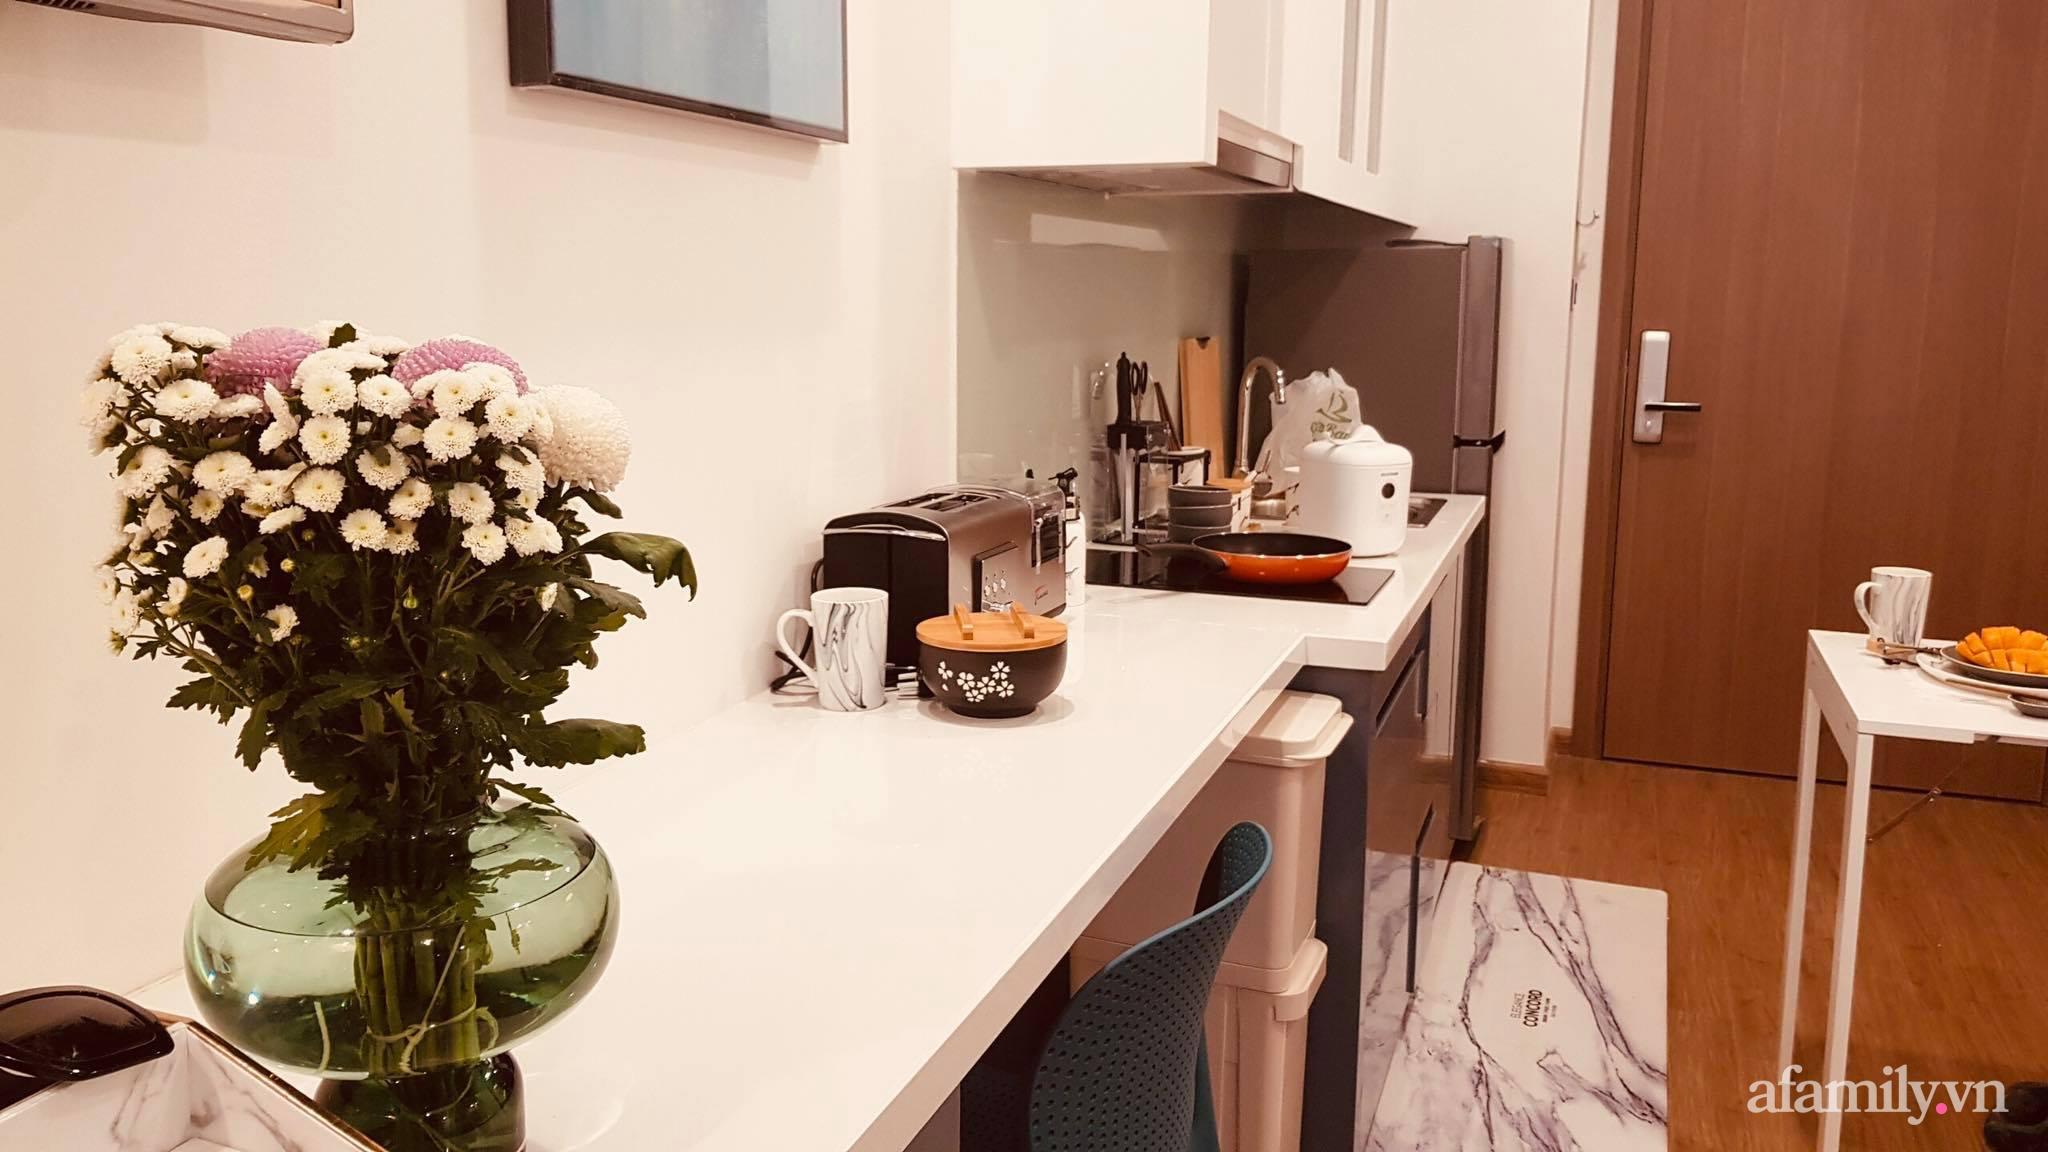 Căn hộ 28m² đẹp từng centimet với cách lựa chọn nội thất thông minh, hiện đại có chi phí hoàn thiện 100 triệu đồng ở Hà Nội - Ảnh 8.